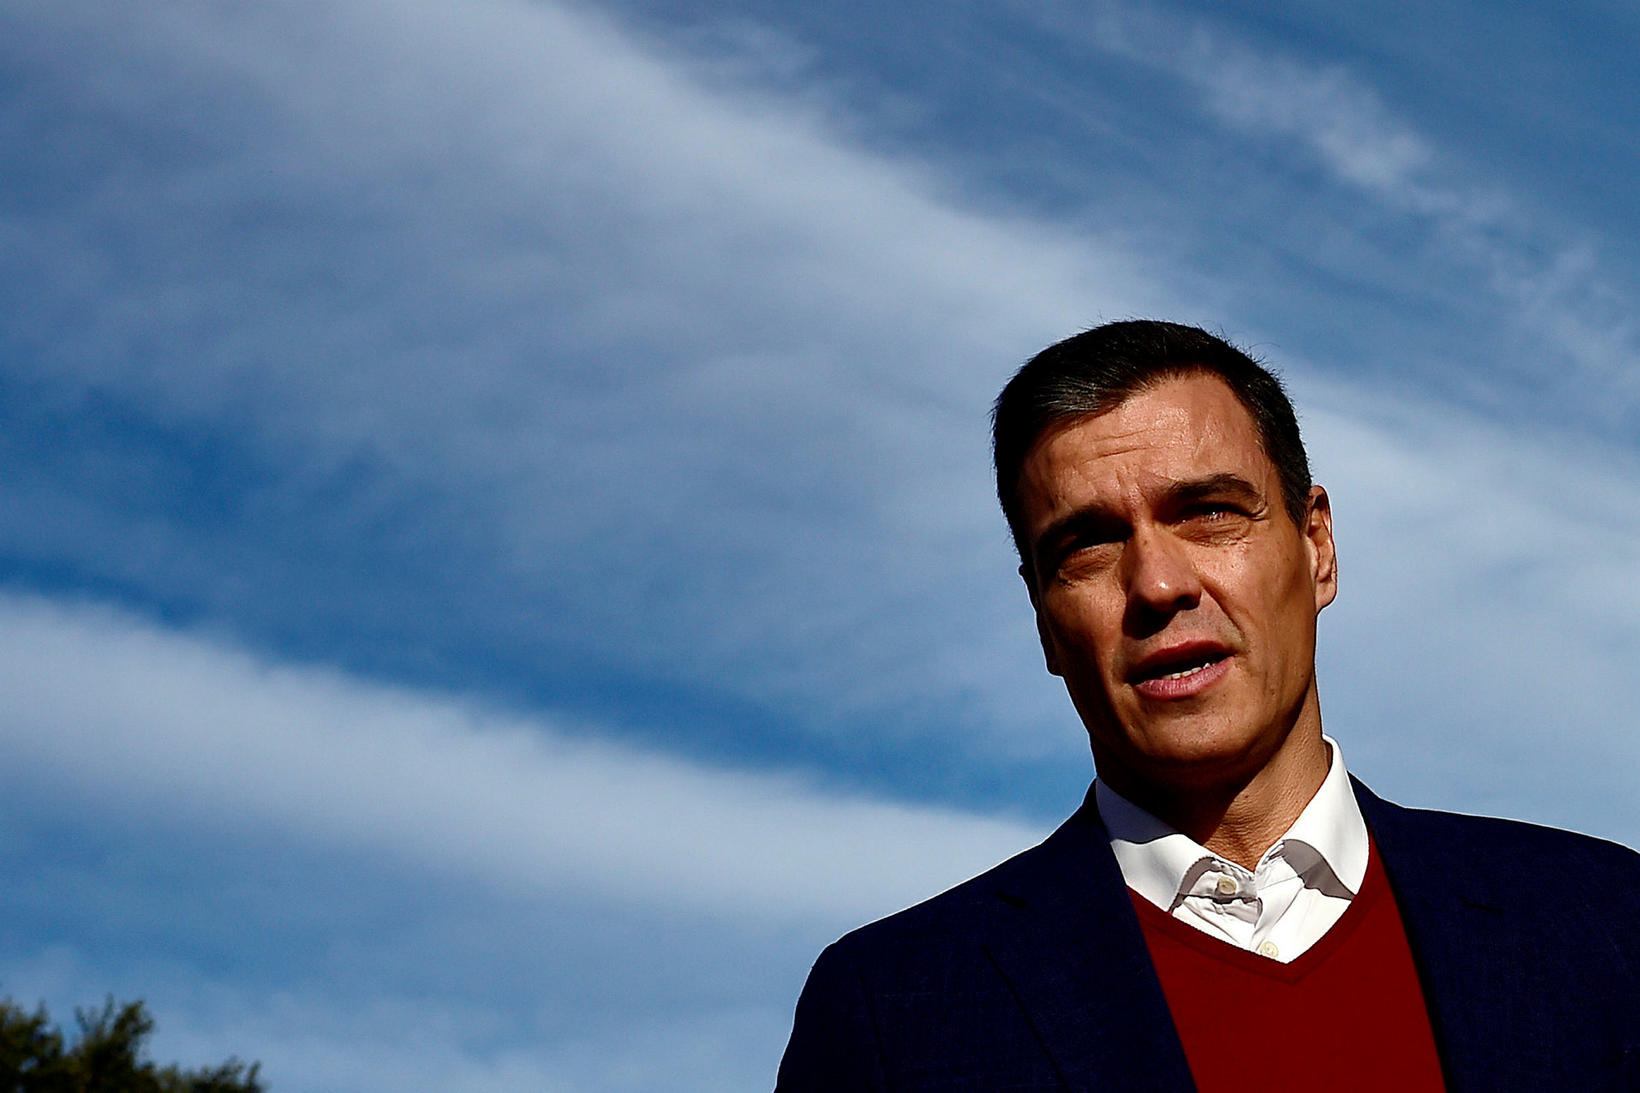 Pedro Sanchez, núverandi forsætisráðherra Spánar.